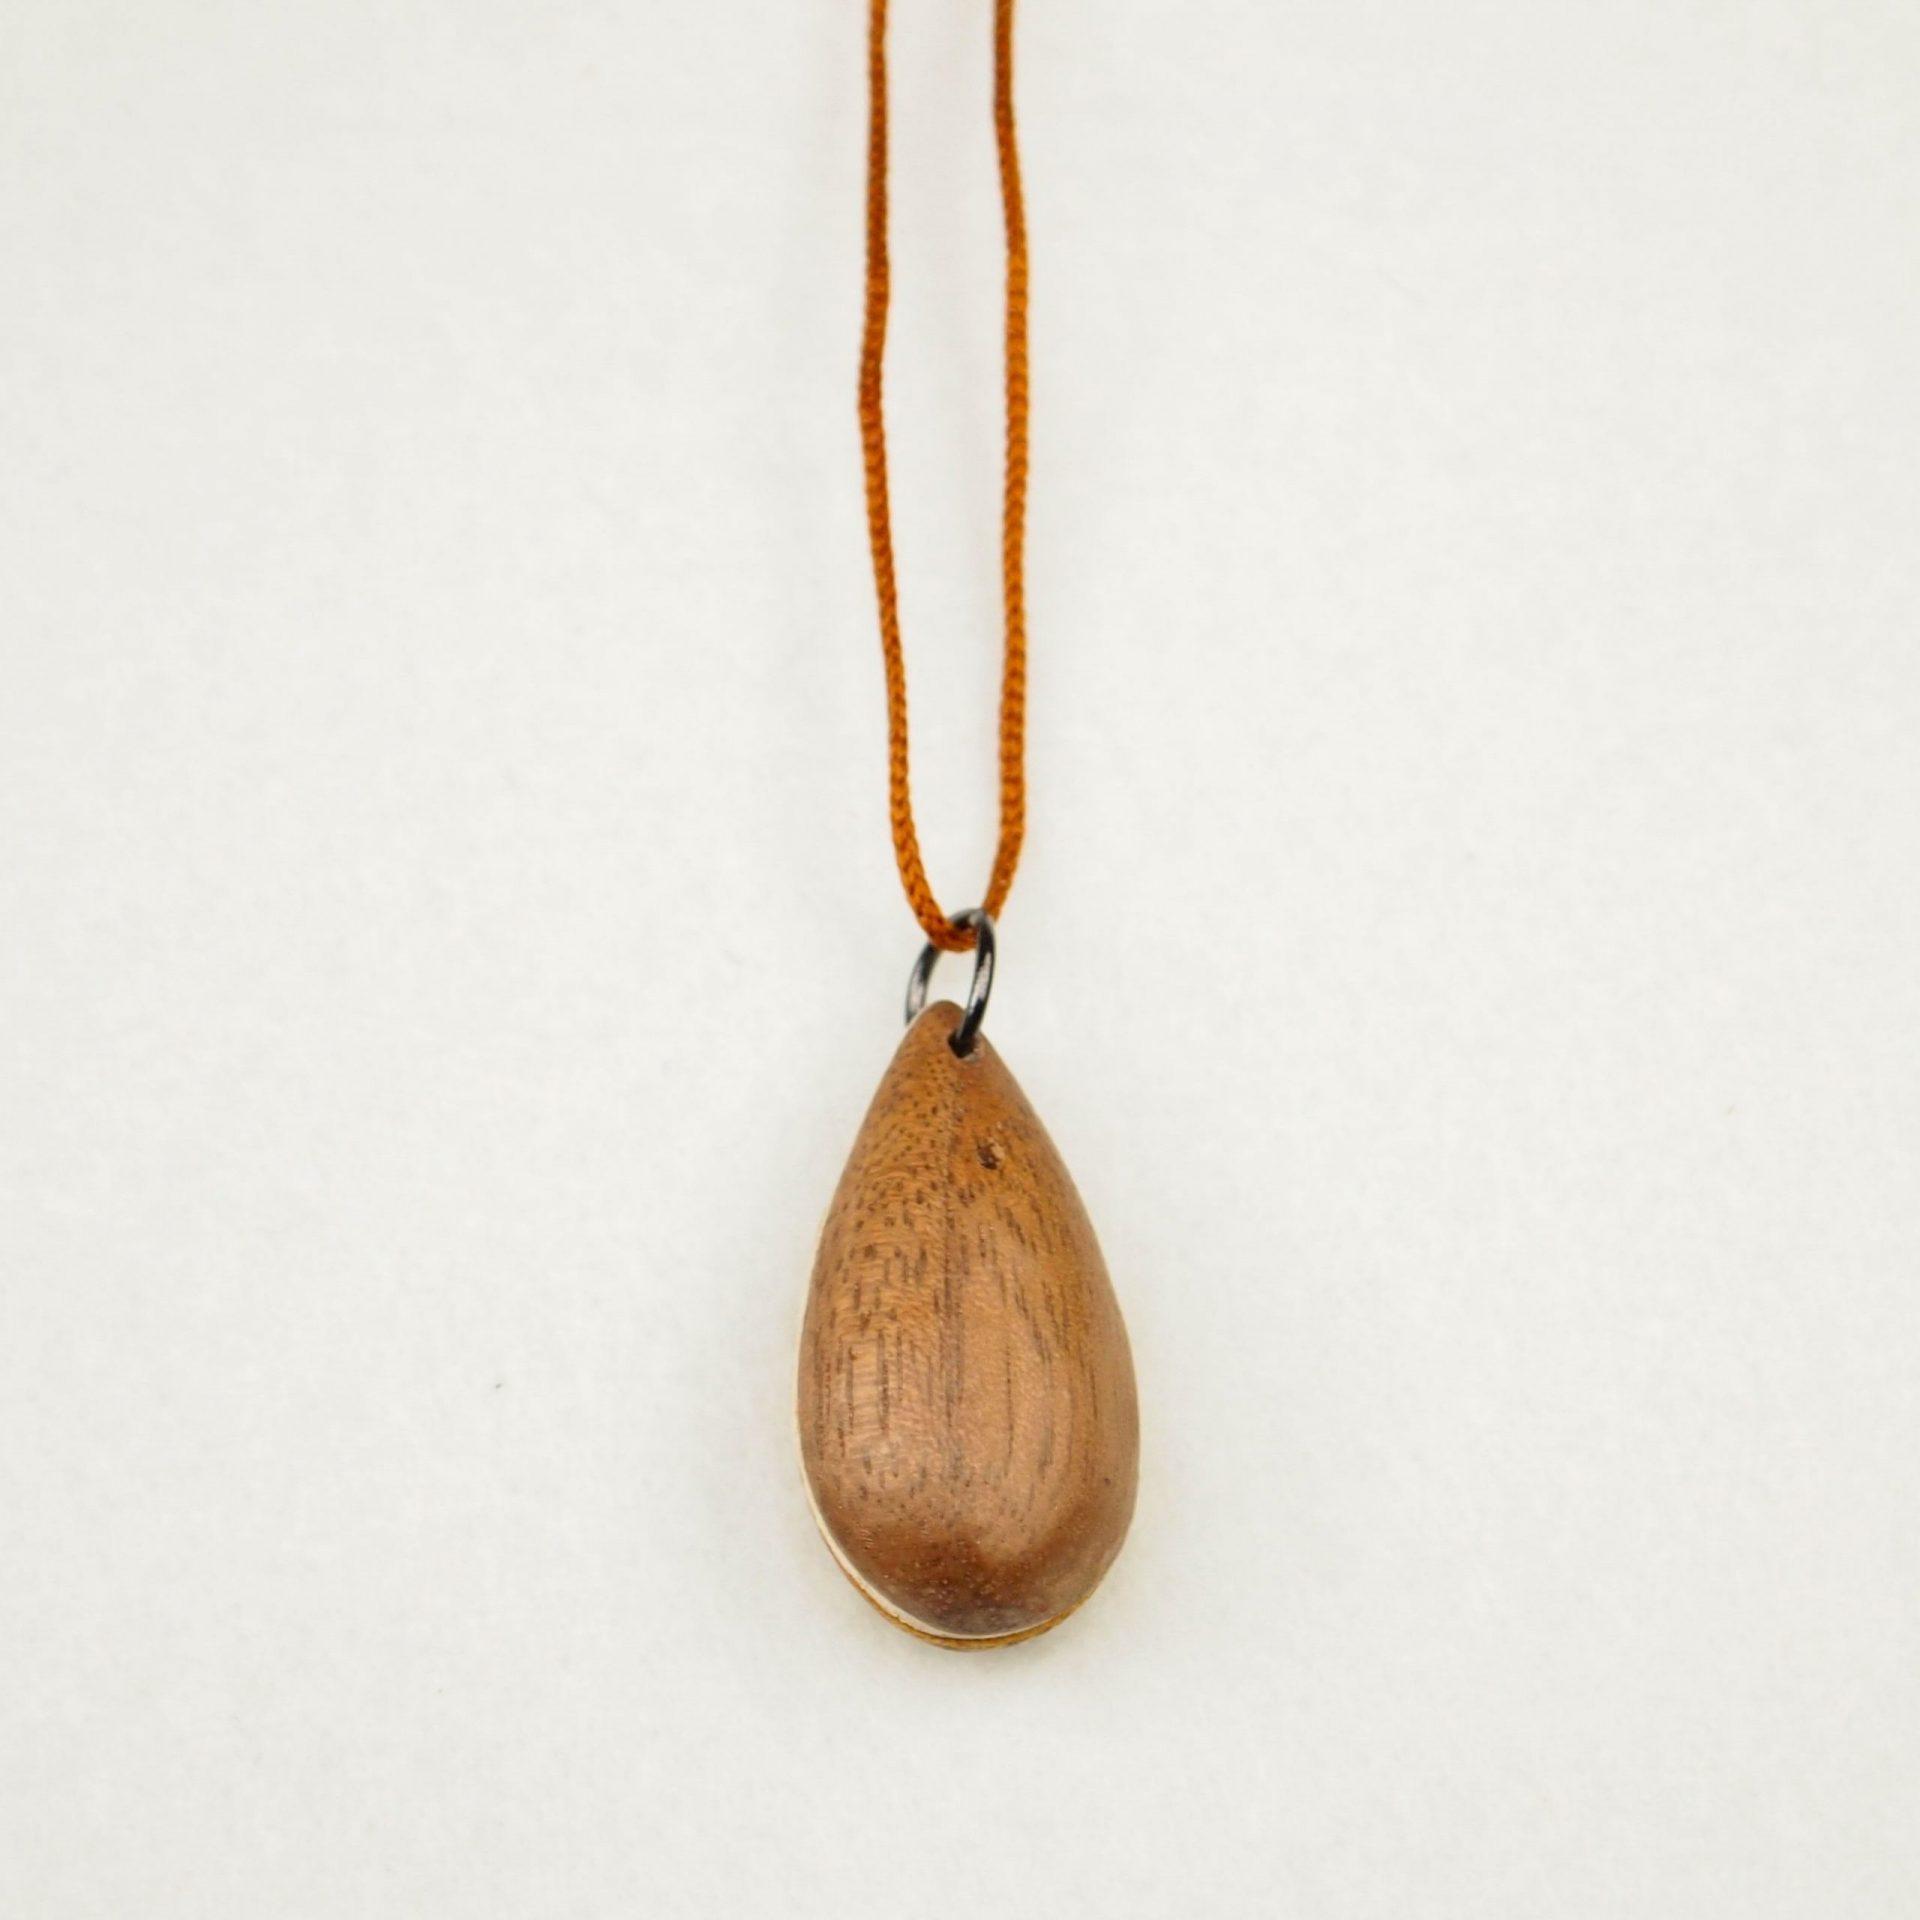 木のネックレス しずく